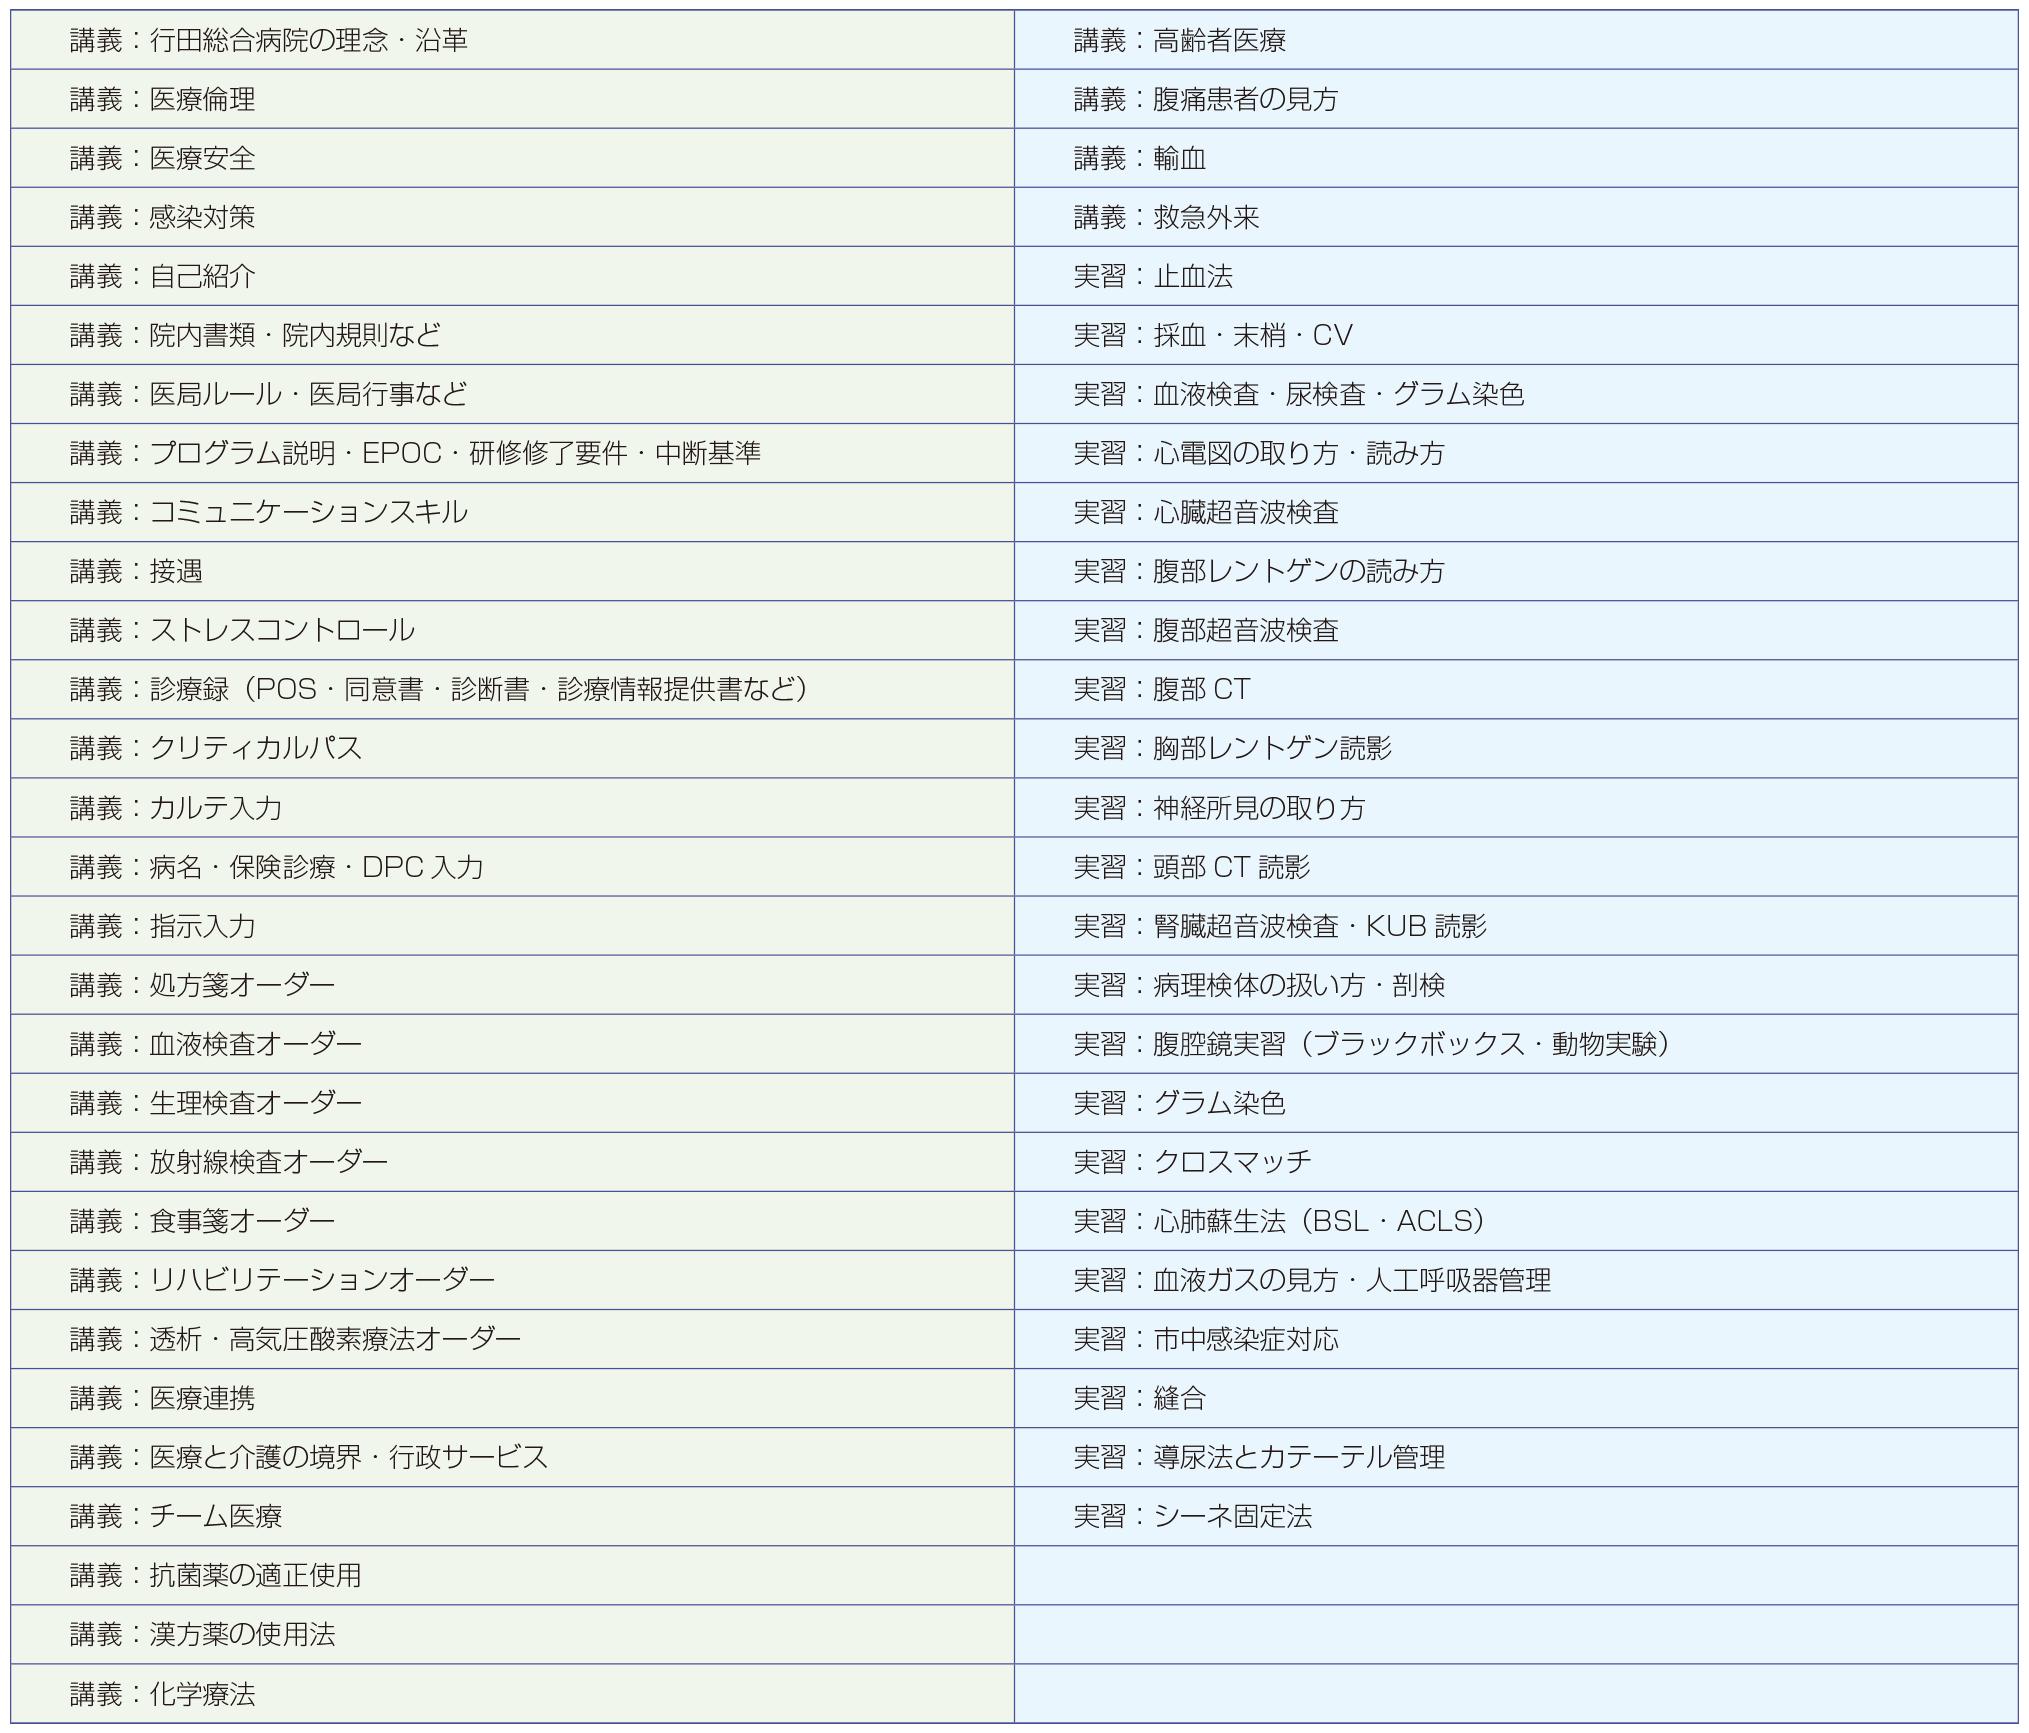 レクチャー・実習例の表